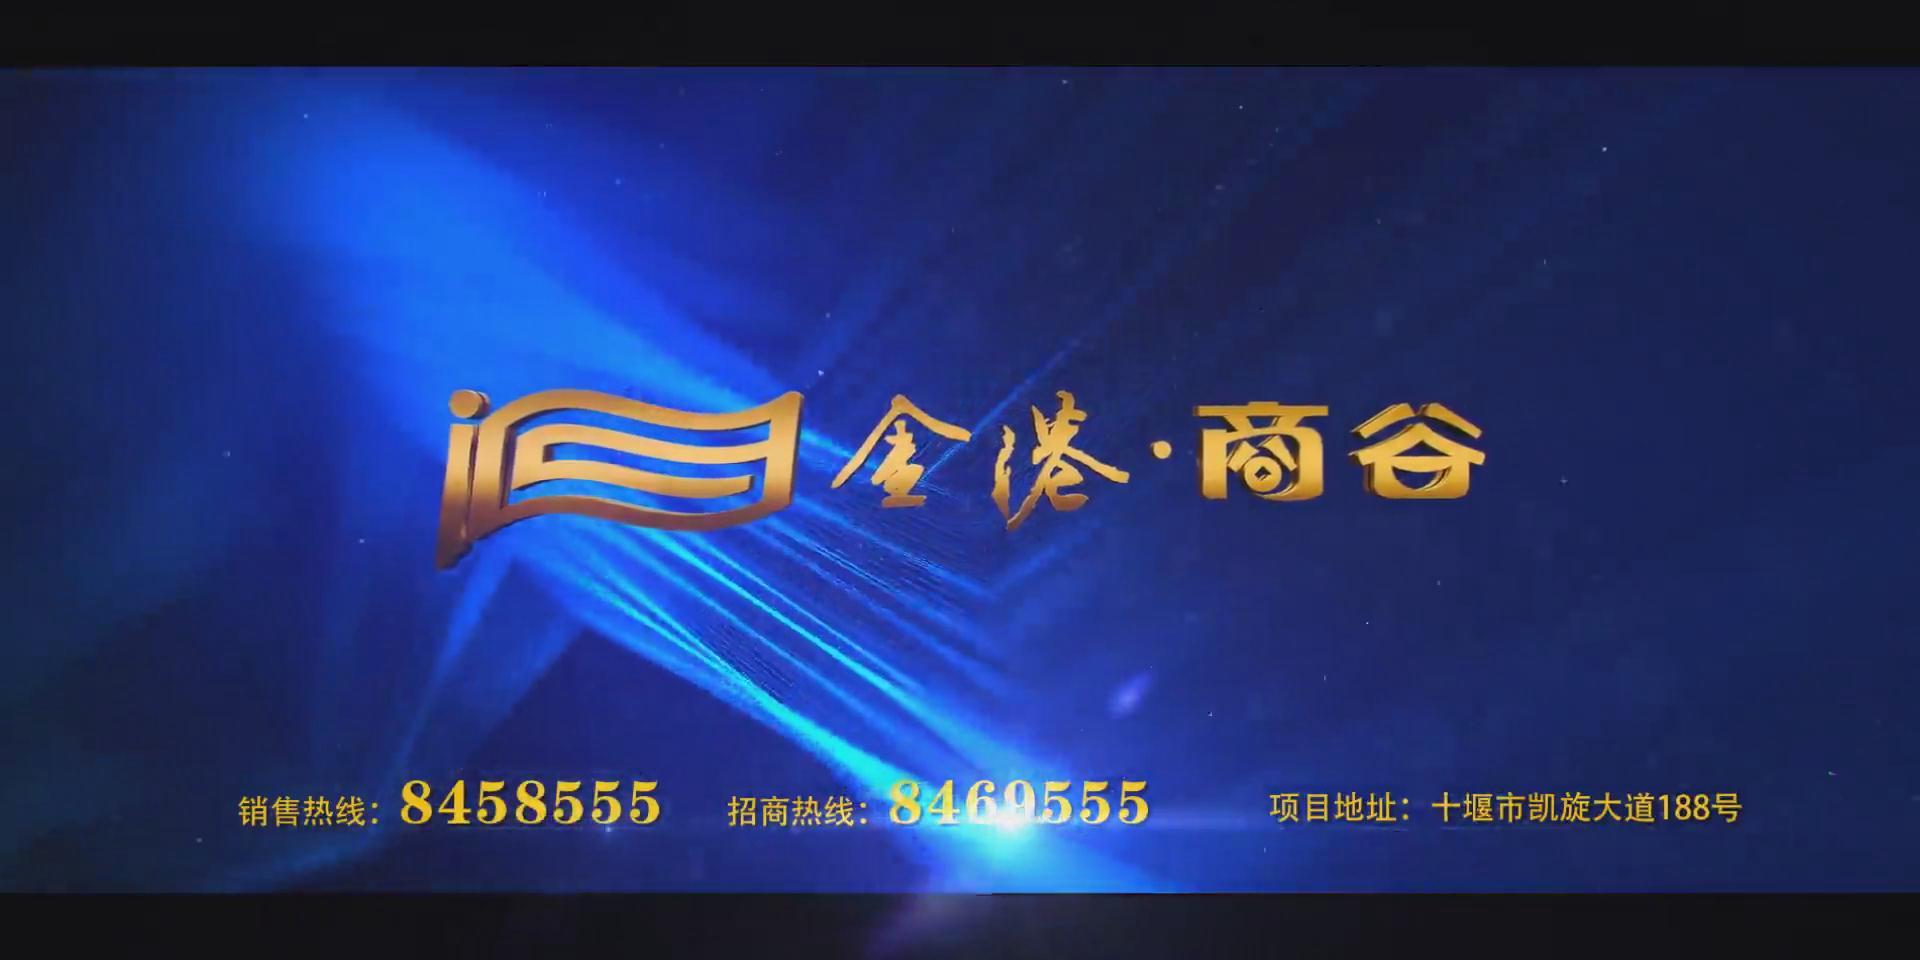 金港·商谷三维宣传片